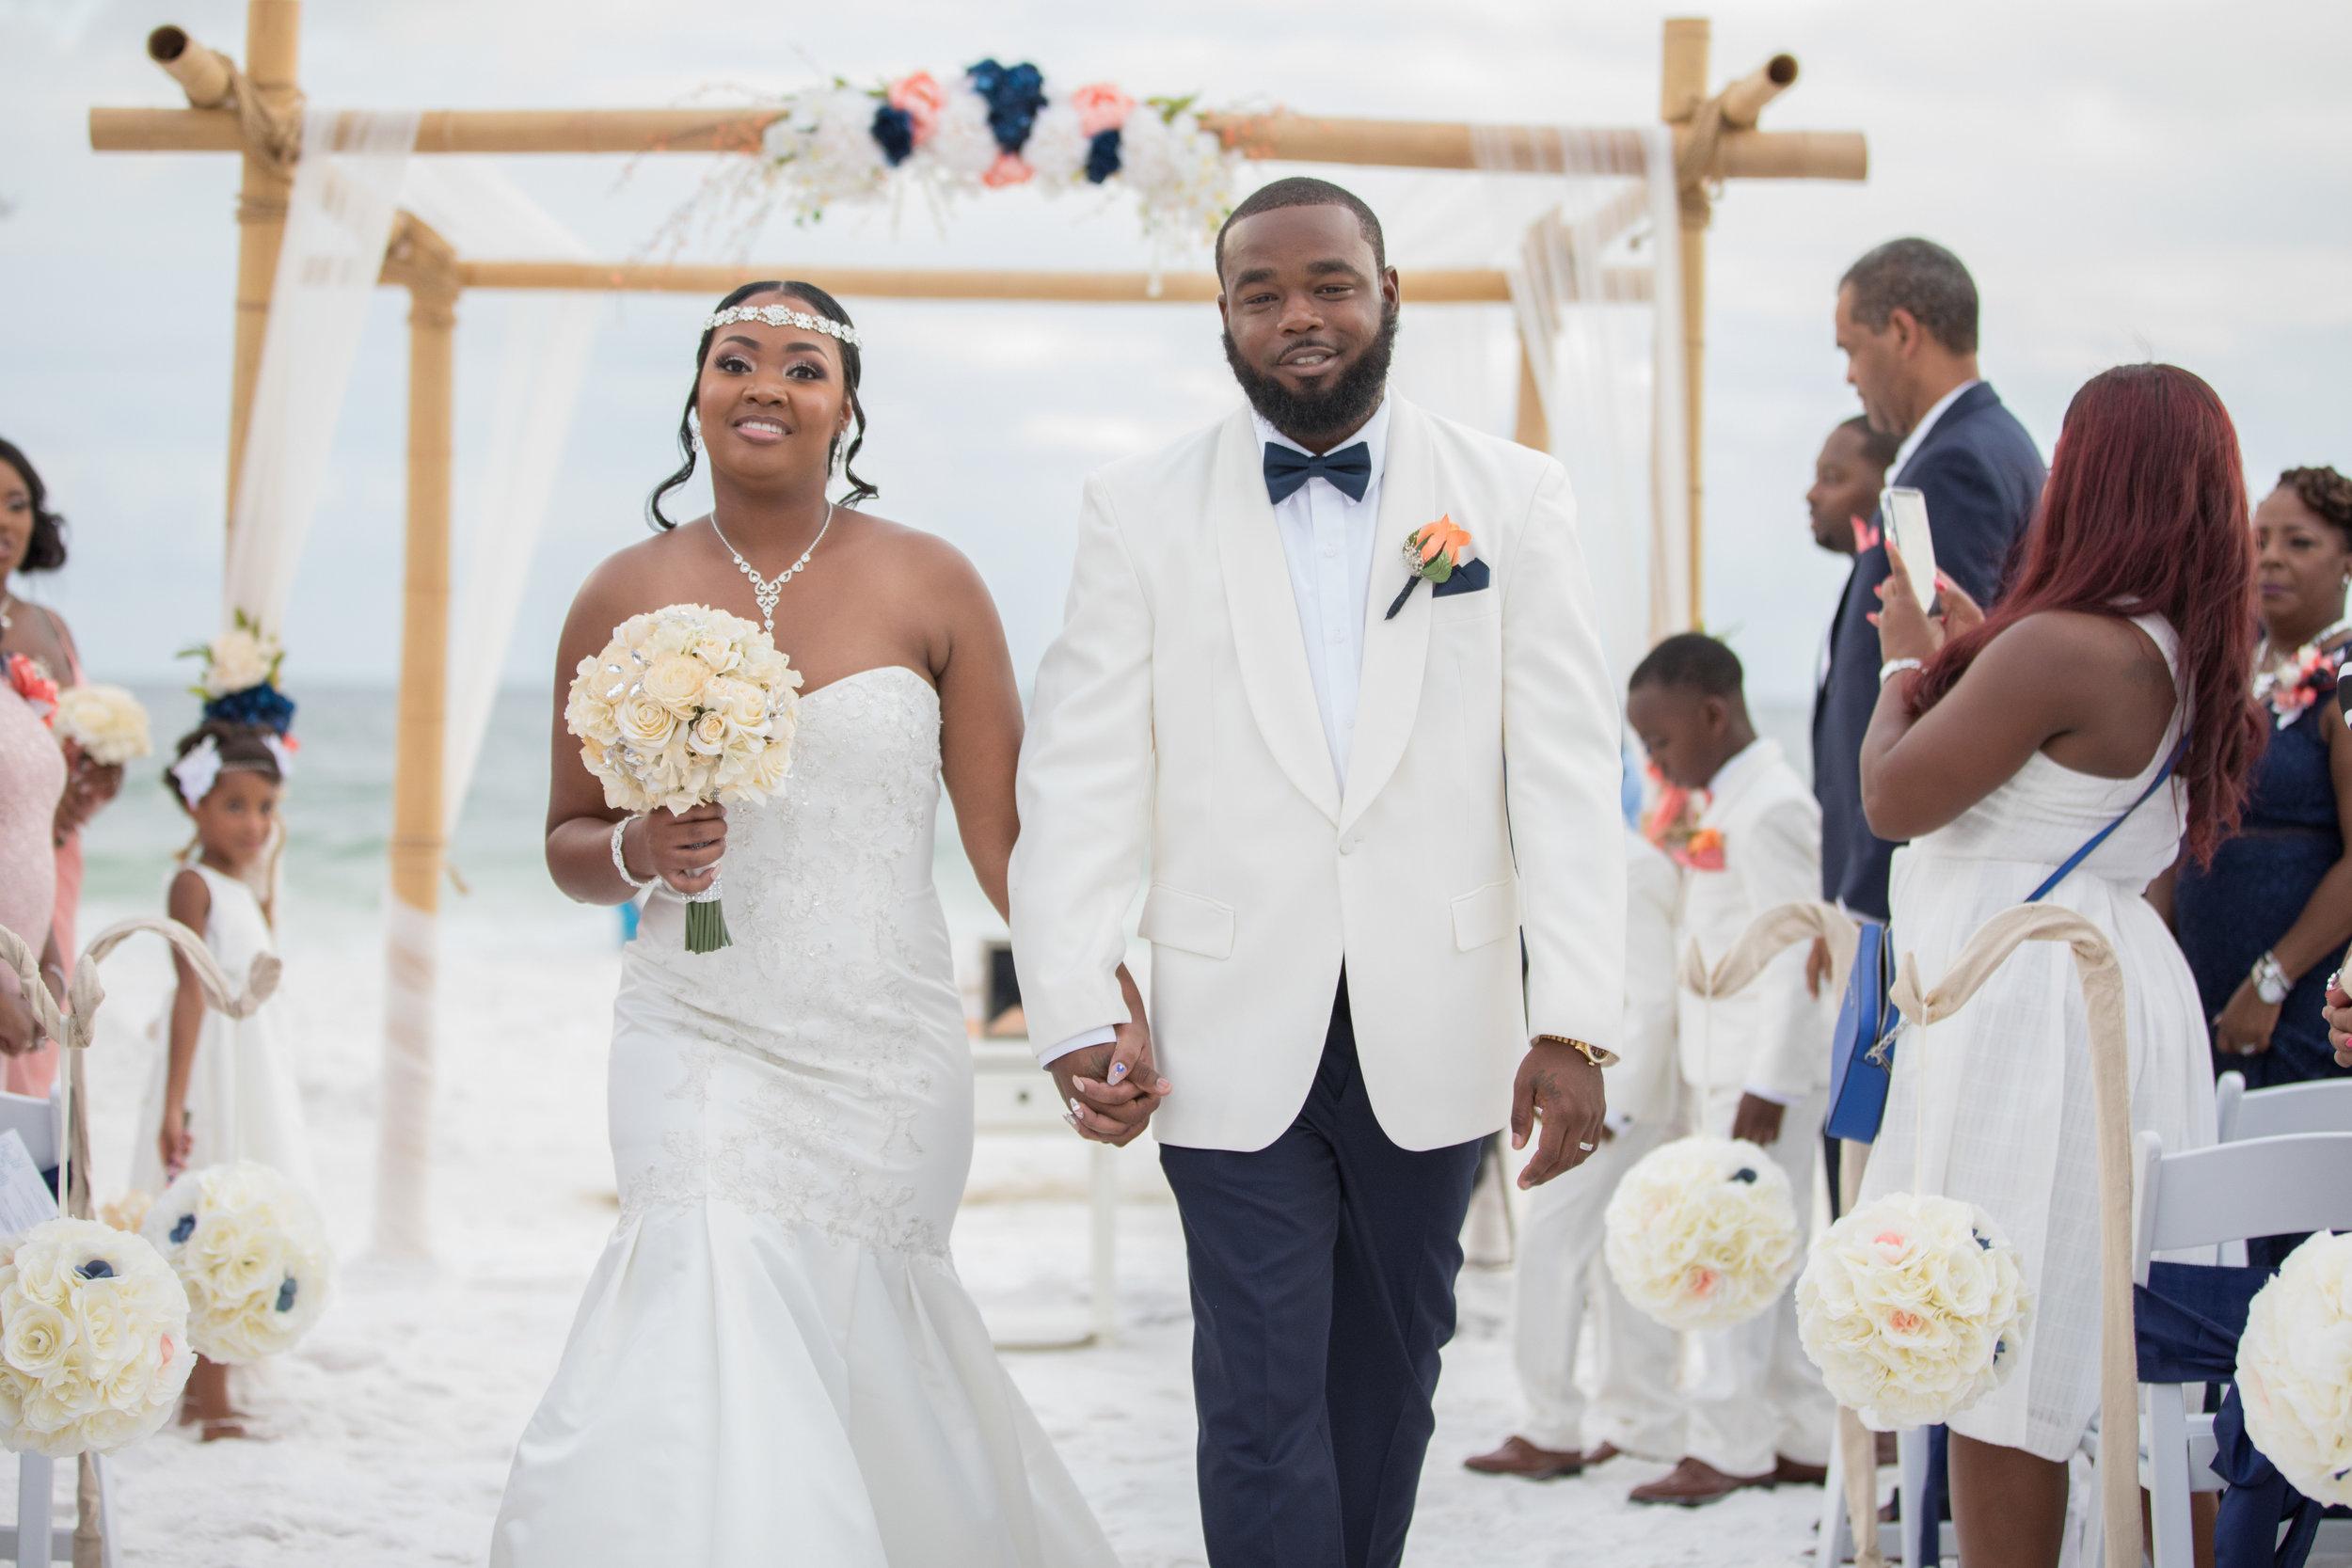 destin beach wedding package picture68_ (3).jpg